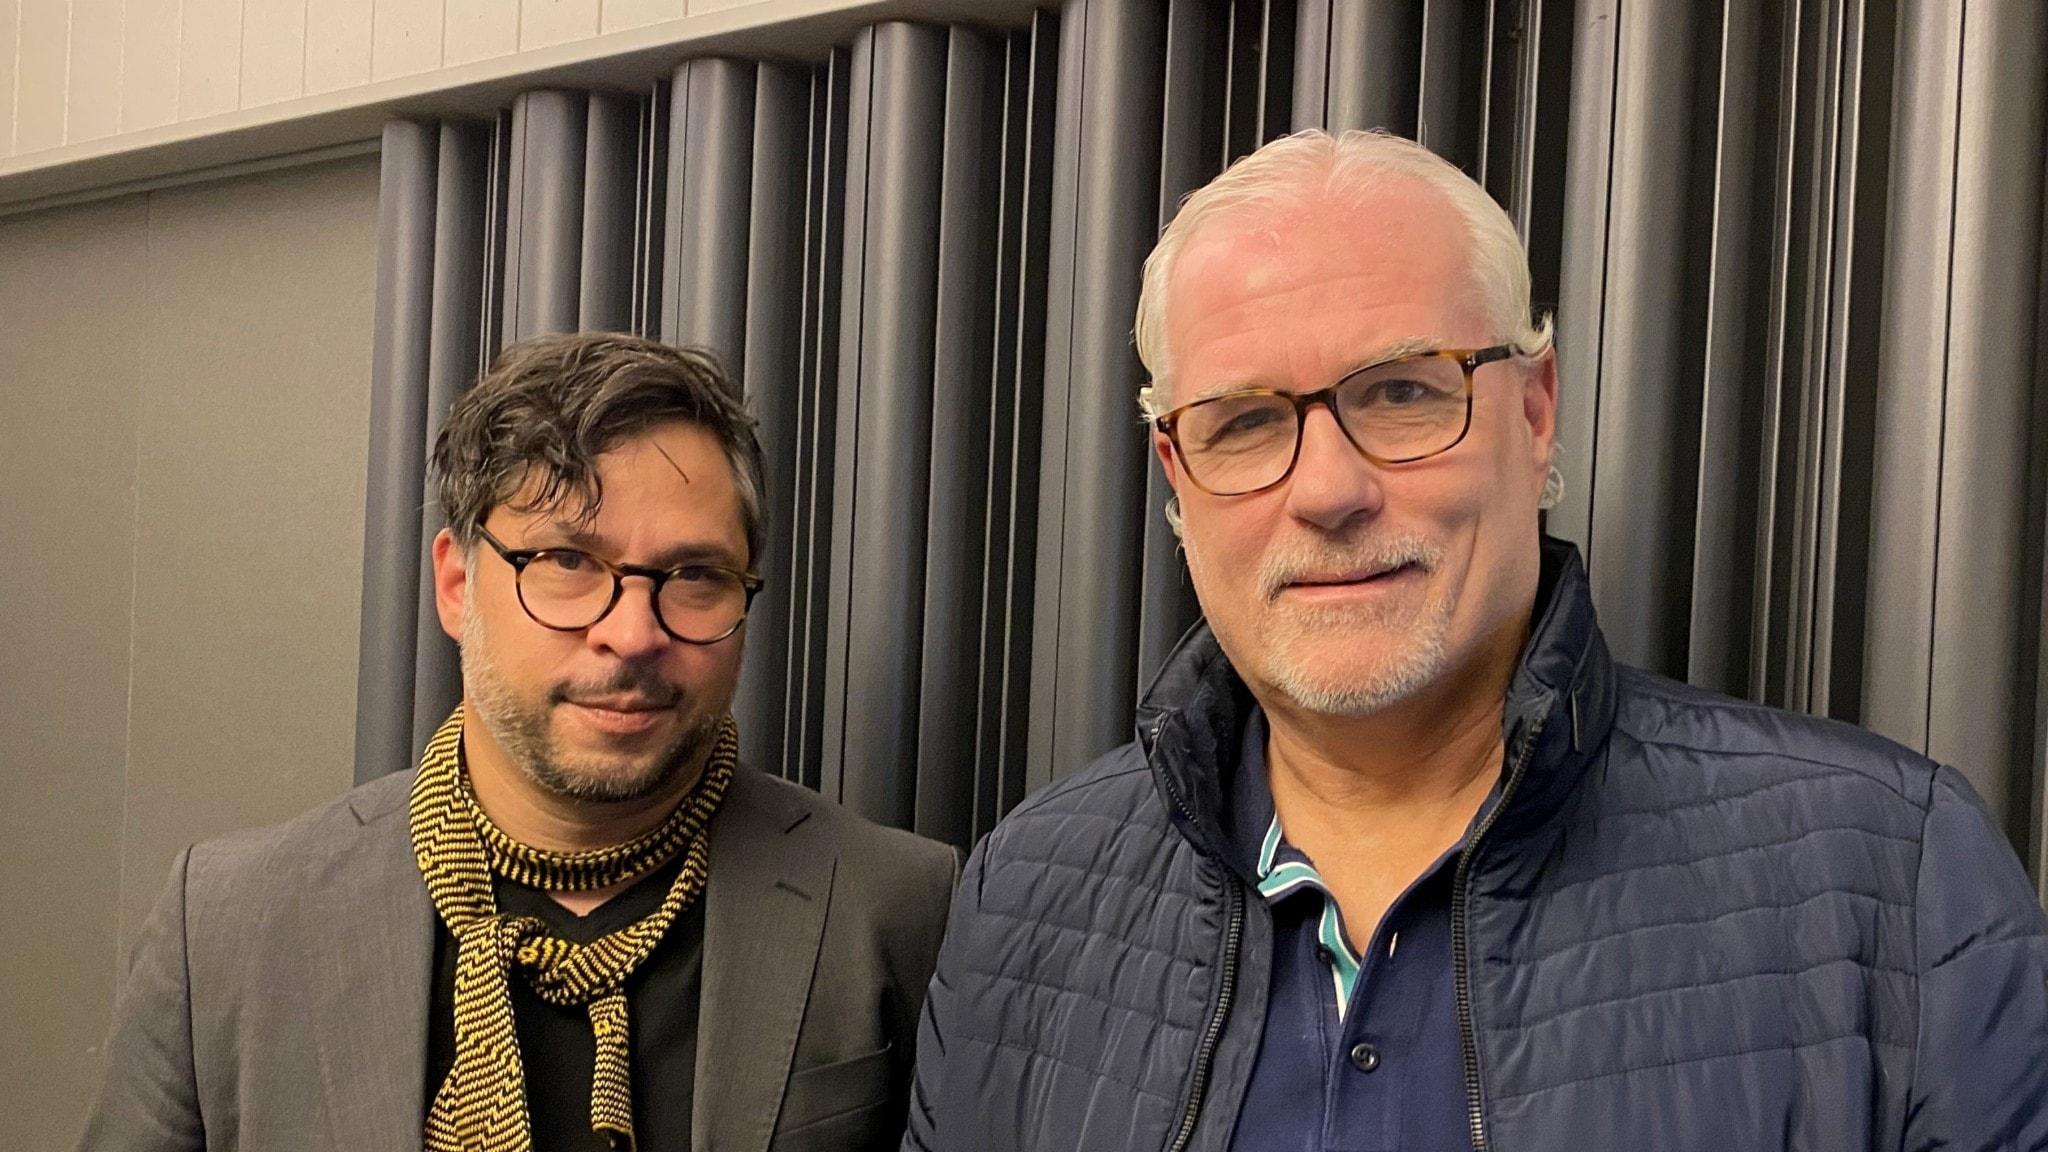 Martin Wicklin och Glenn Hysén står i en radiostudio